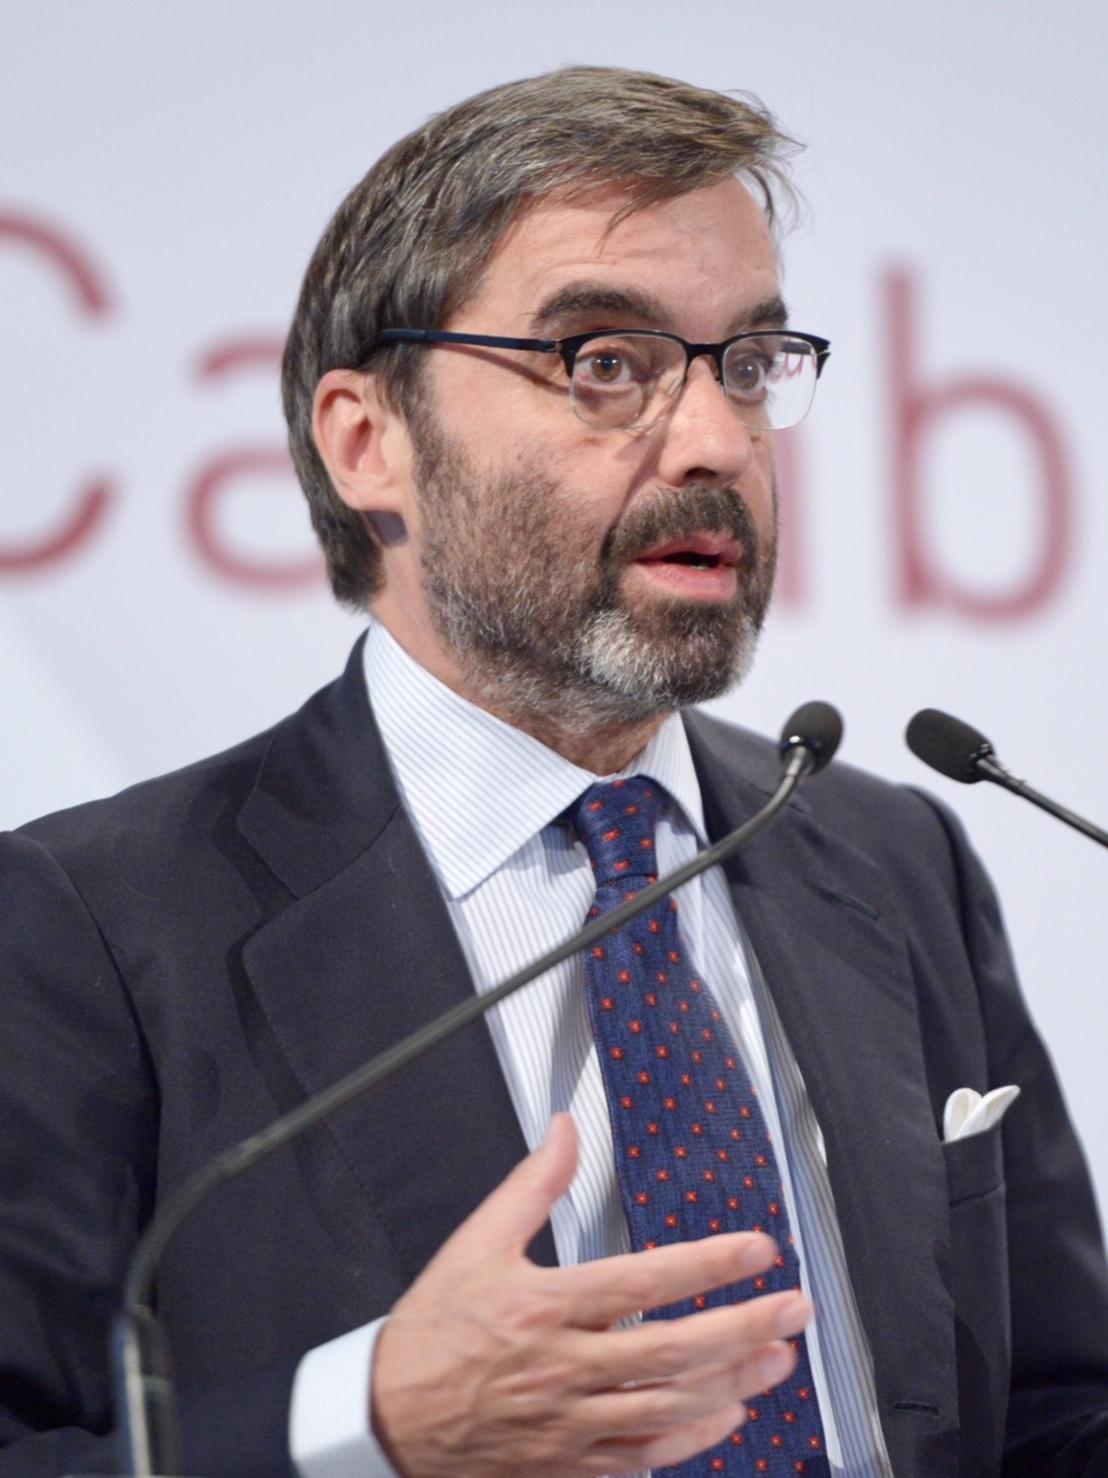 Juan pablo garc a berdoy wikipedia la enciclopedia libre for Pablo garcia